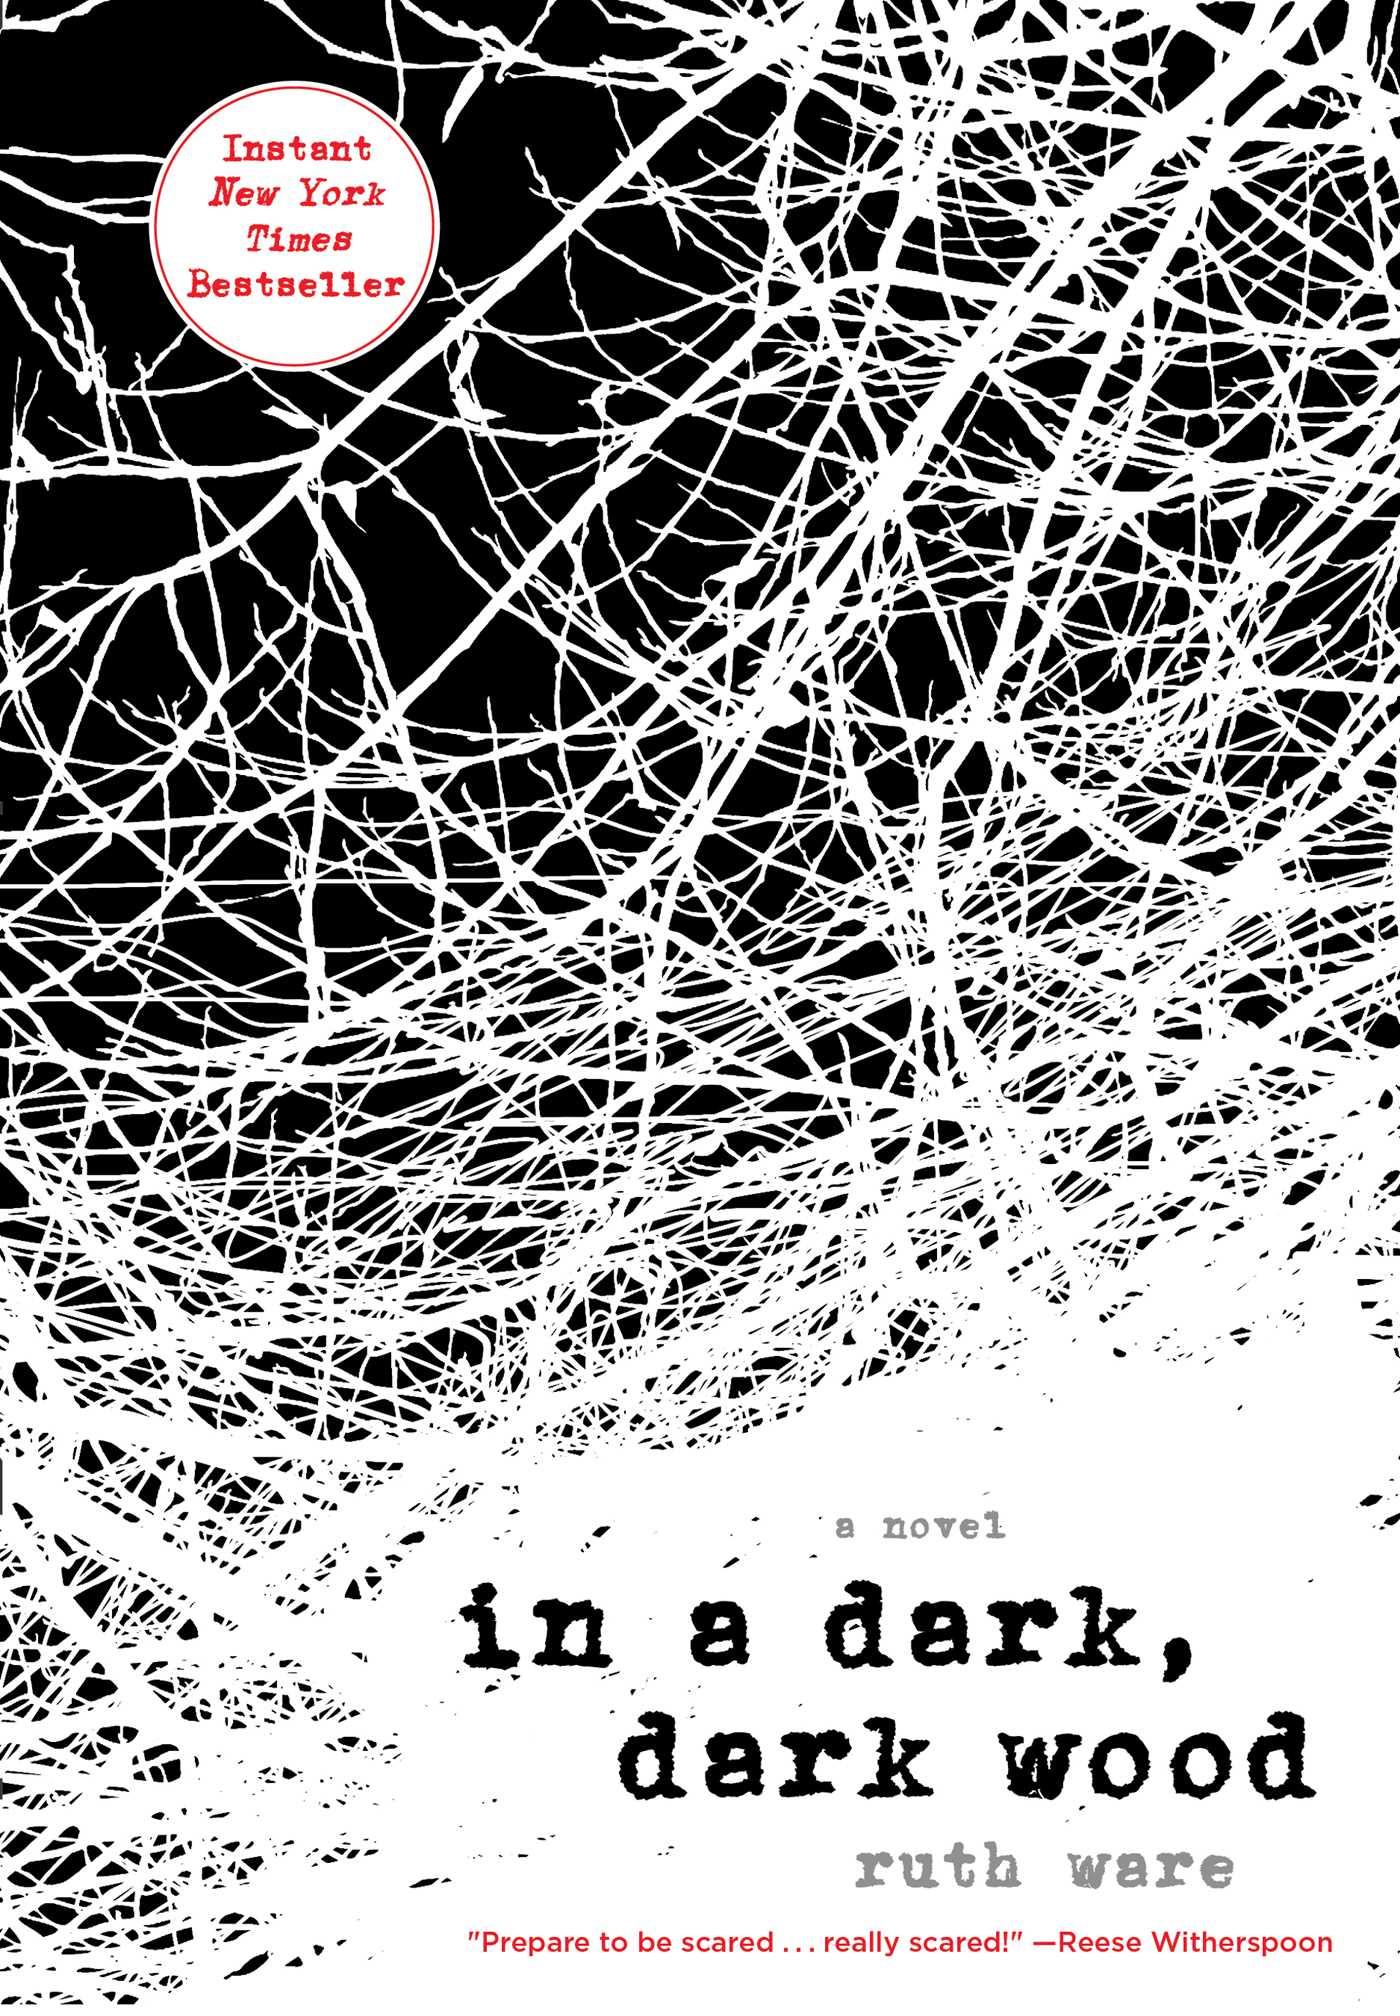 In a dark dark wood 9781501151750 hr